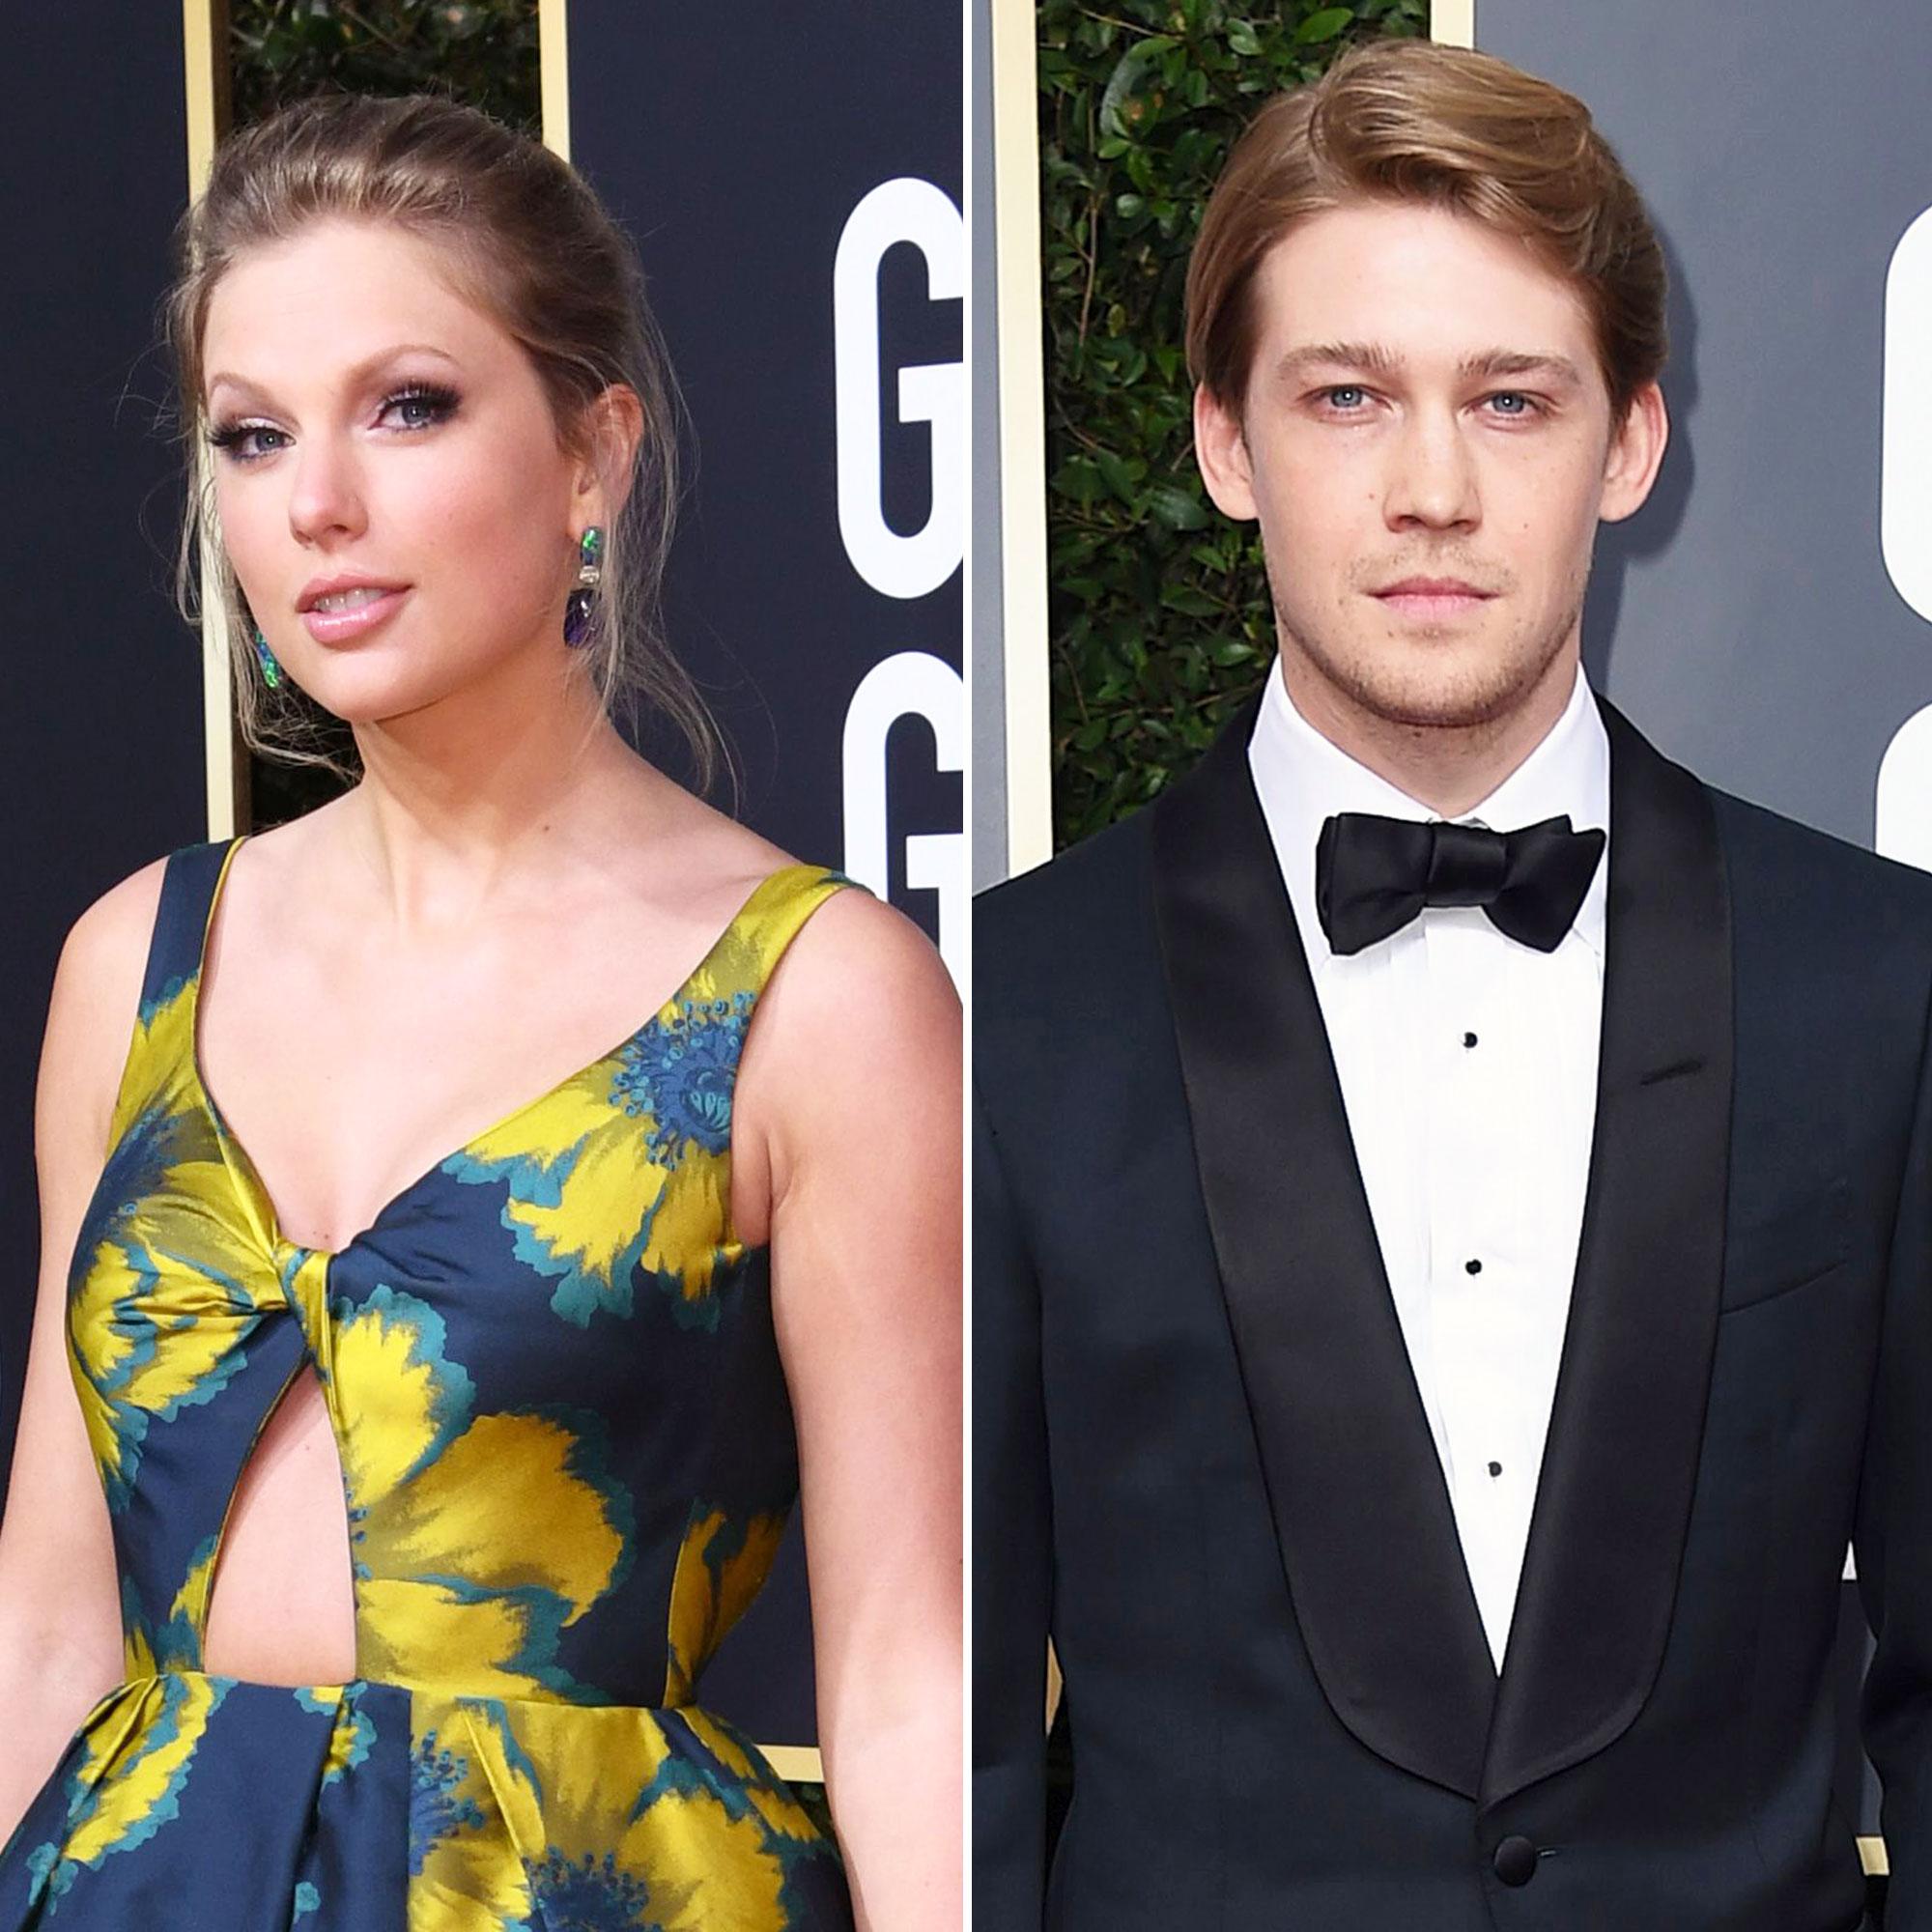 Taylor Swift Attends Golden Globes With Boyfriend Joe Alwyn